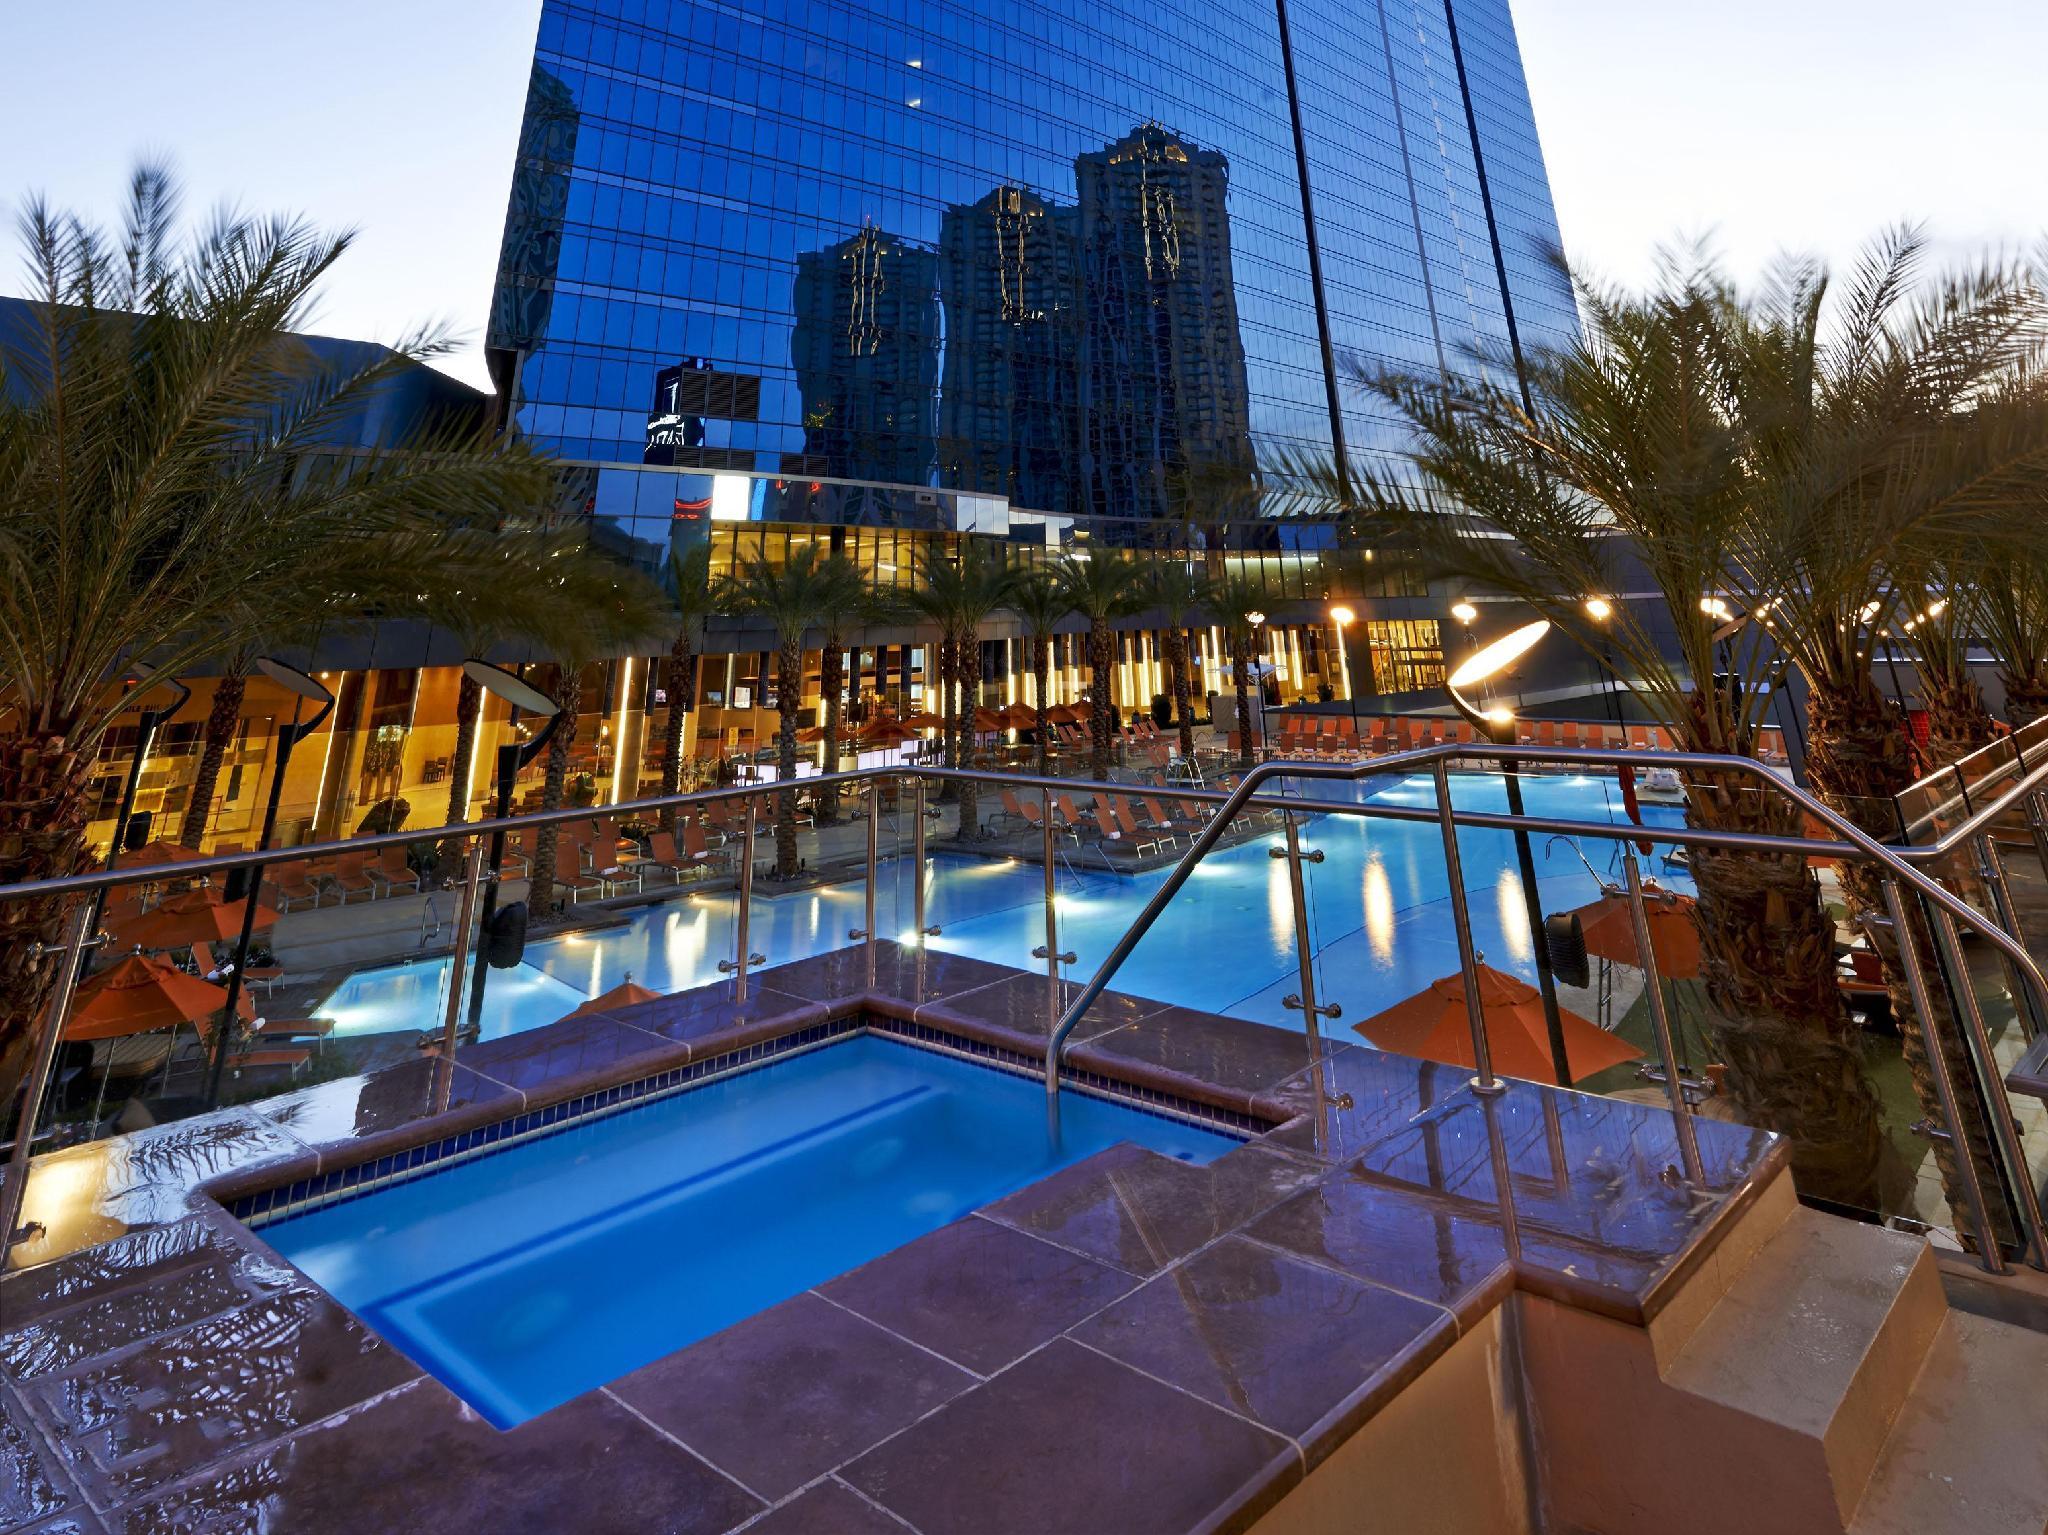 Elara by Hilton Grand Vacations